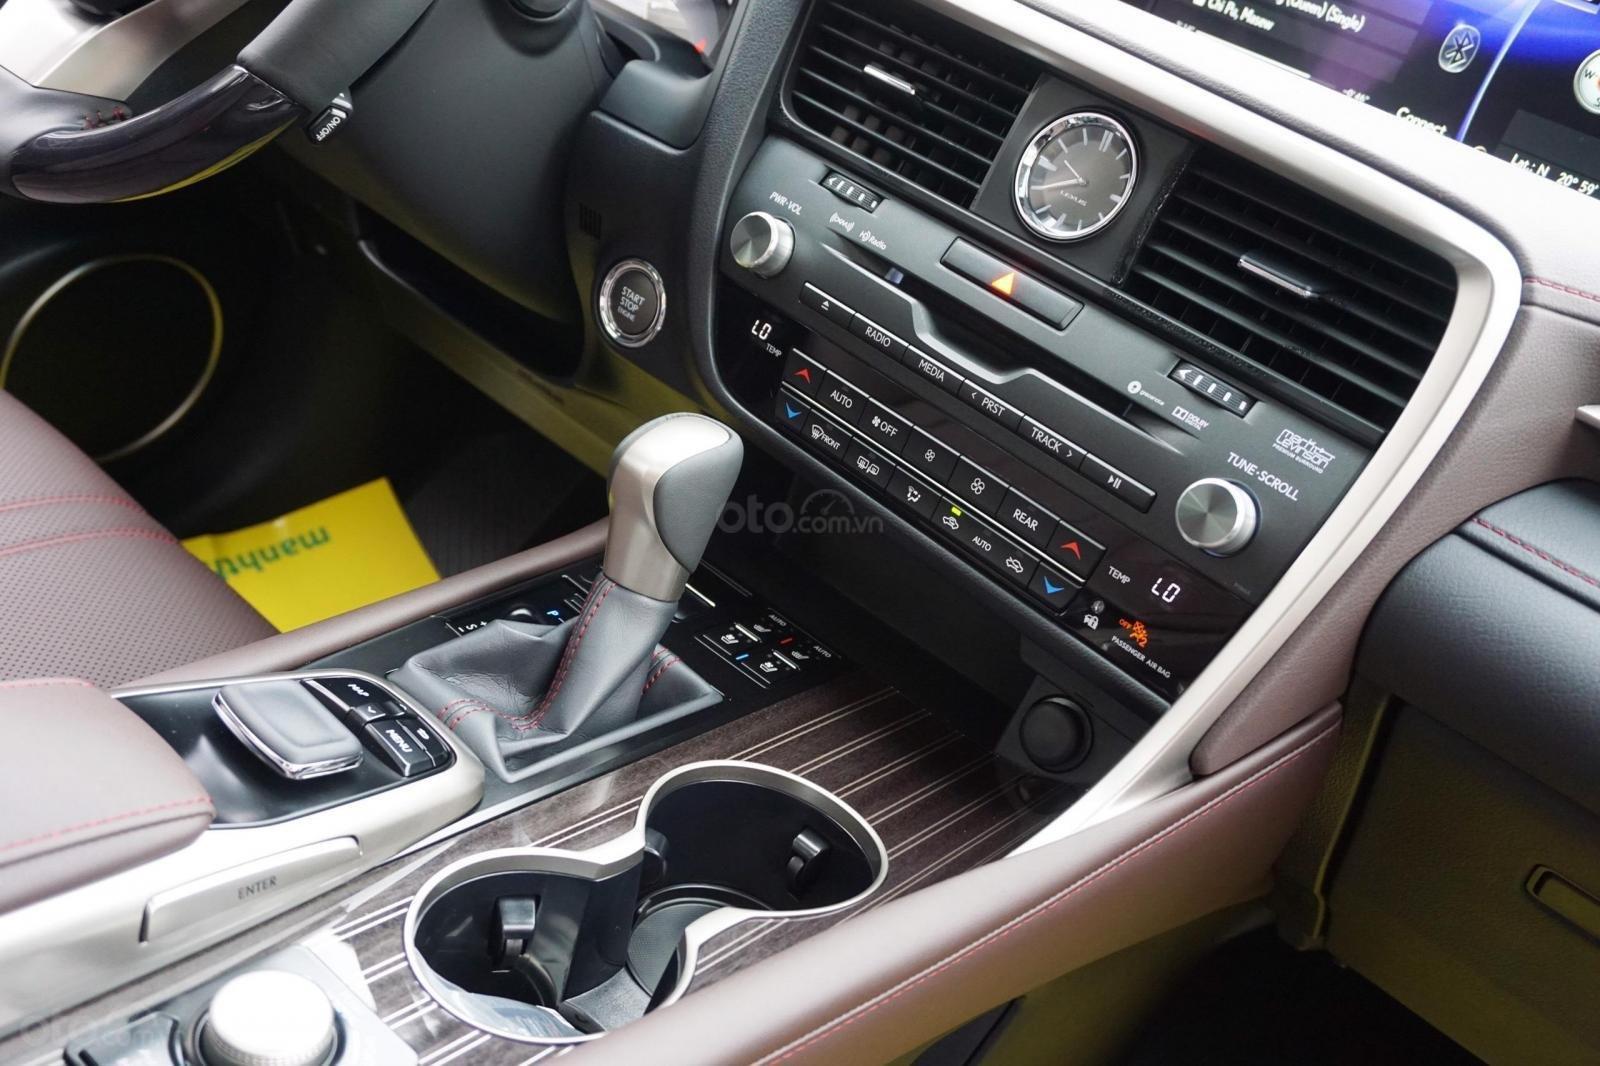 Bán Lexus RX 350 sản xuất 2019, màu đen, nhập Mỹ, giao ngay, LH 094.539.2468 Ms Hương (10)